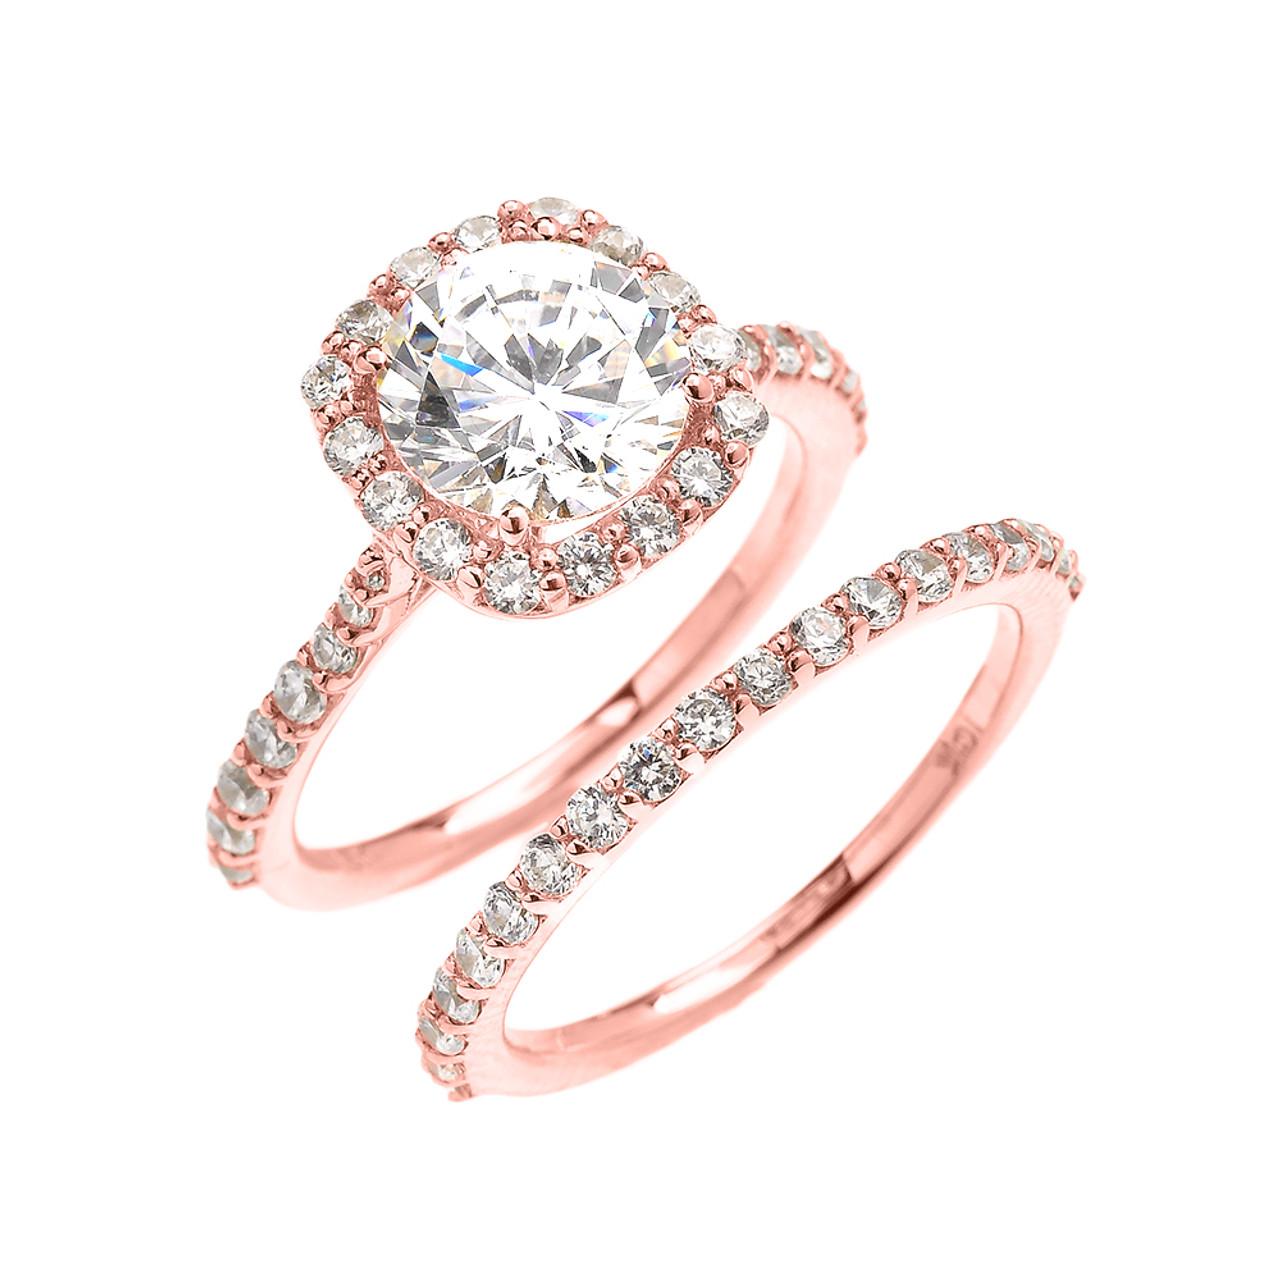 Princess Cut Wedding Rings Sets 004 - Princess Cut Wedding Rings Sets